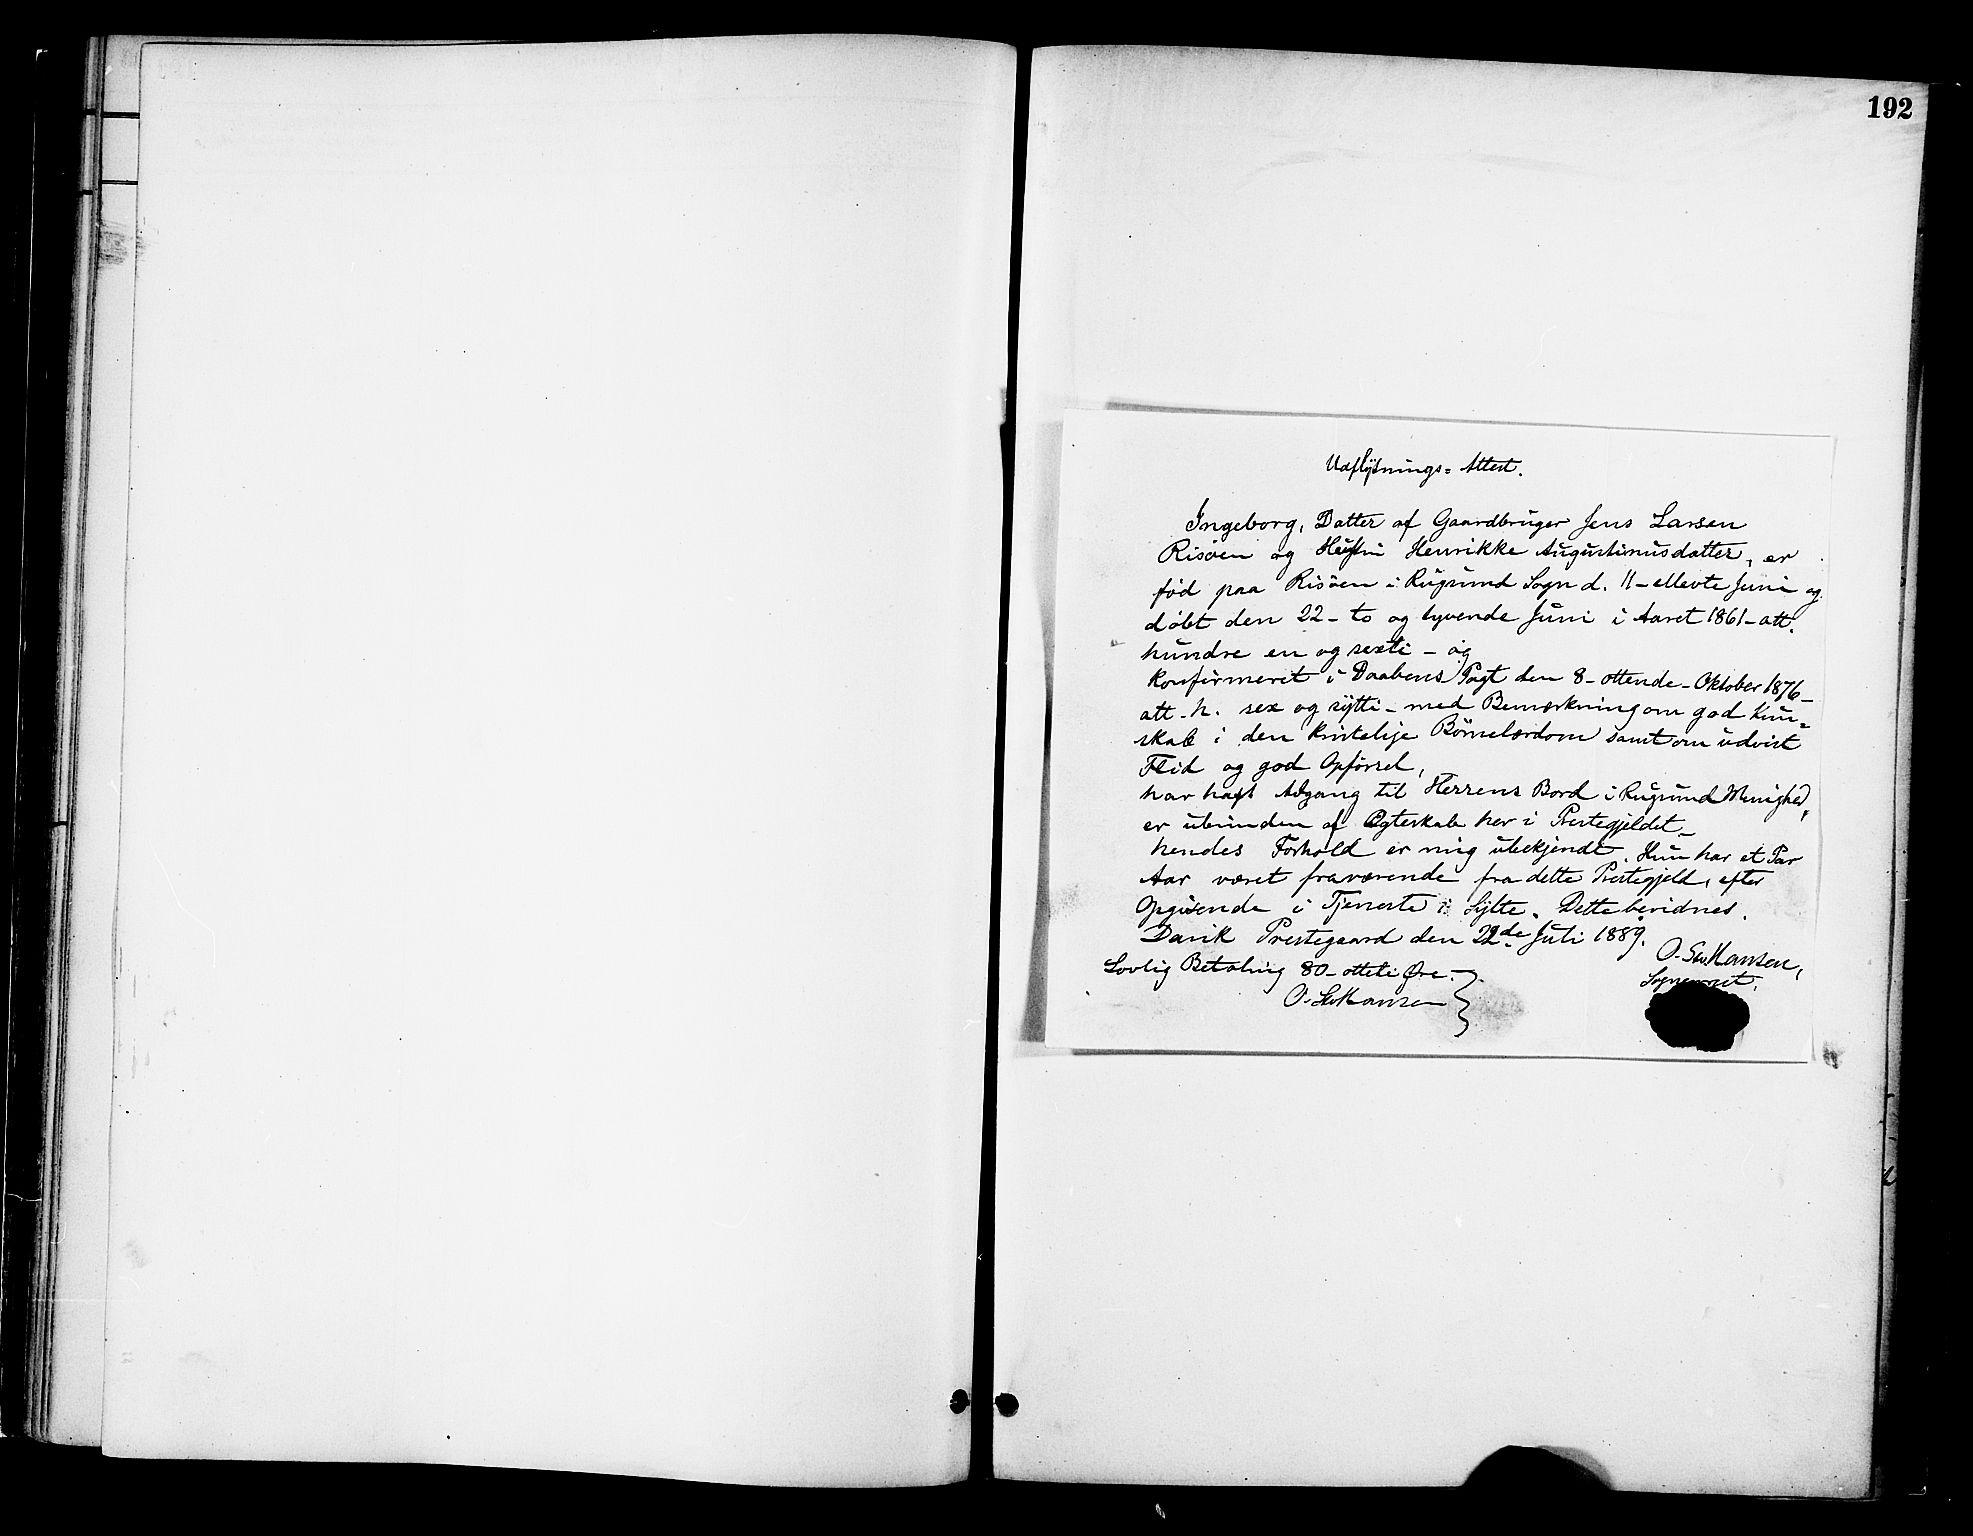 SAT, Ministerialprotokoller, klokkerbøker og fødselsregistre - Møre og Romsdal, 519/L0255: Ministerialbok nr. 519A14, 1884-1908, s. 192